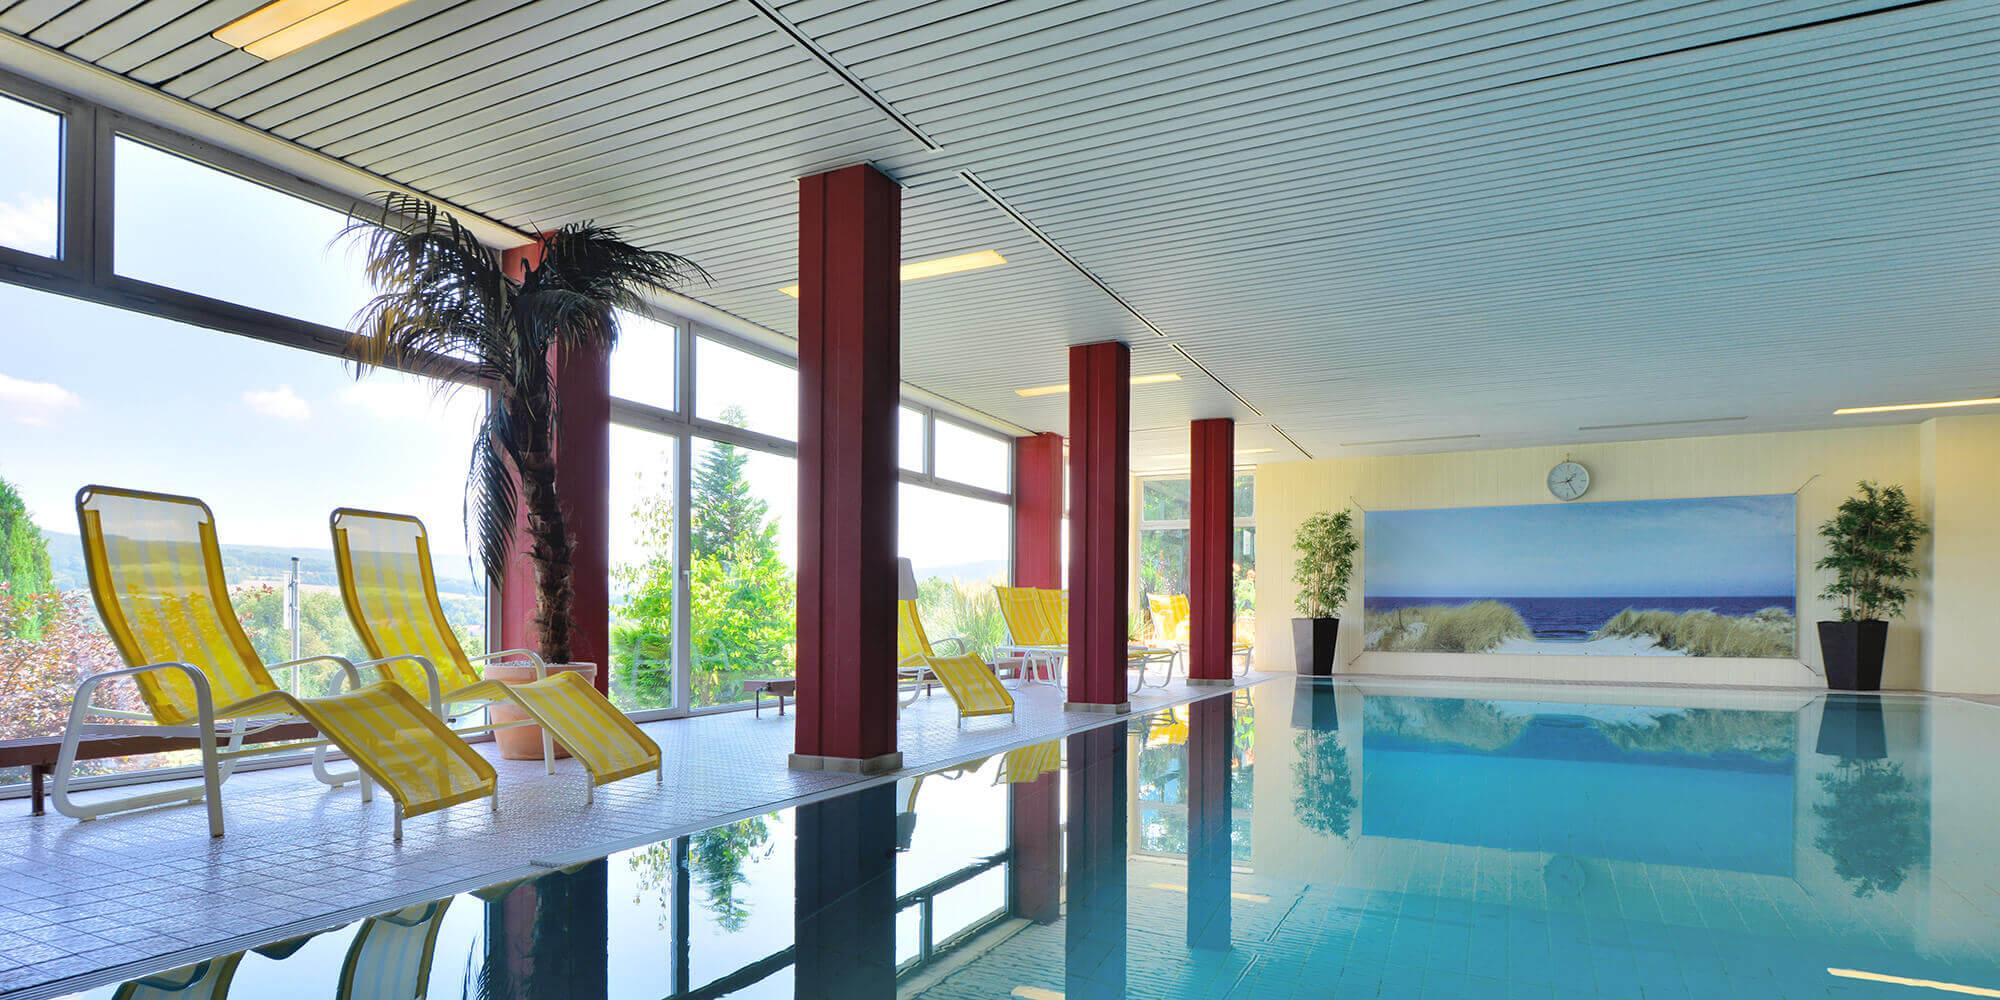 hotel mit pool in bad soden salm nster landhotel betz. Black Bedroom Furniture Sets. Home Design Ideas